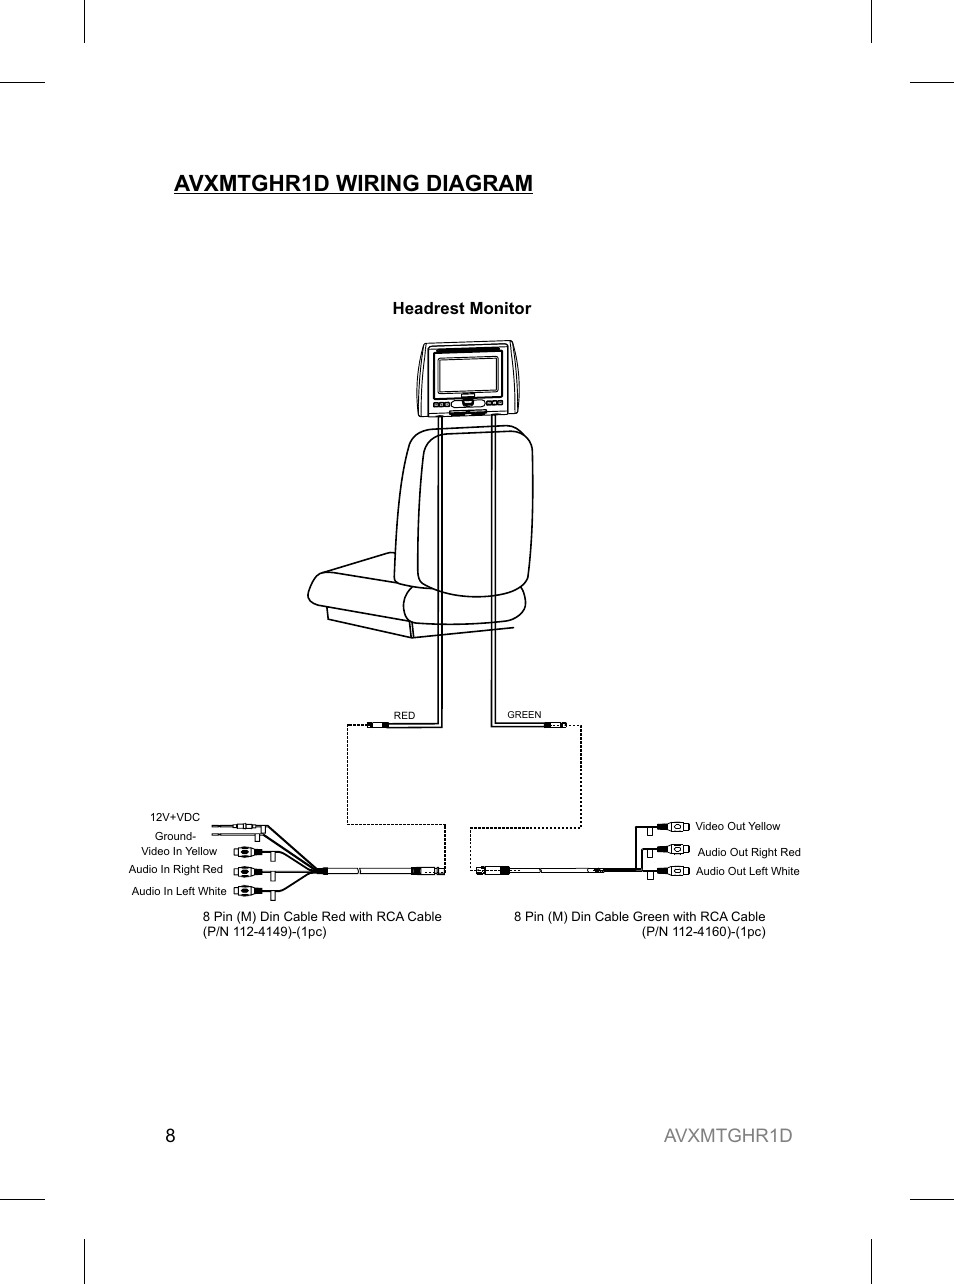 medium resolution of avxmtghr1d wiring diagram avxmtghr1d 8 audiovox avxmtghr1d user manual page 8 28